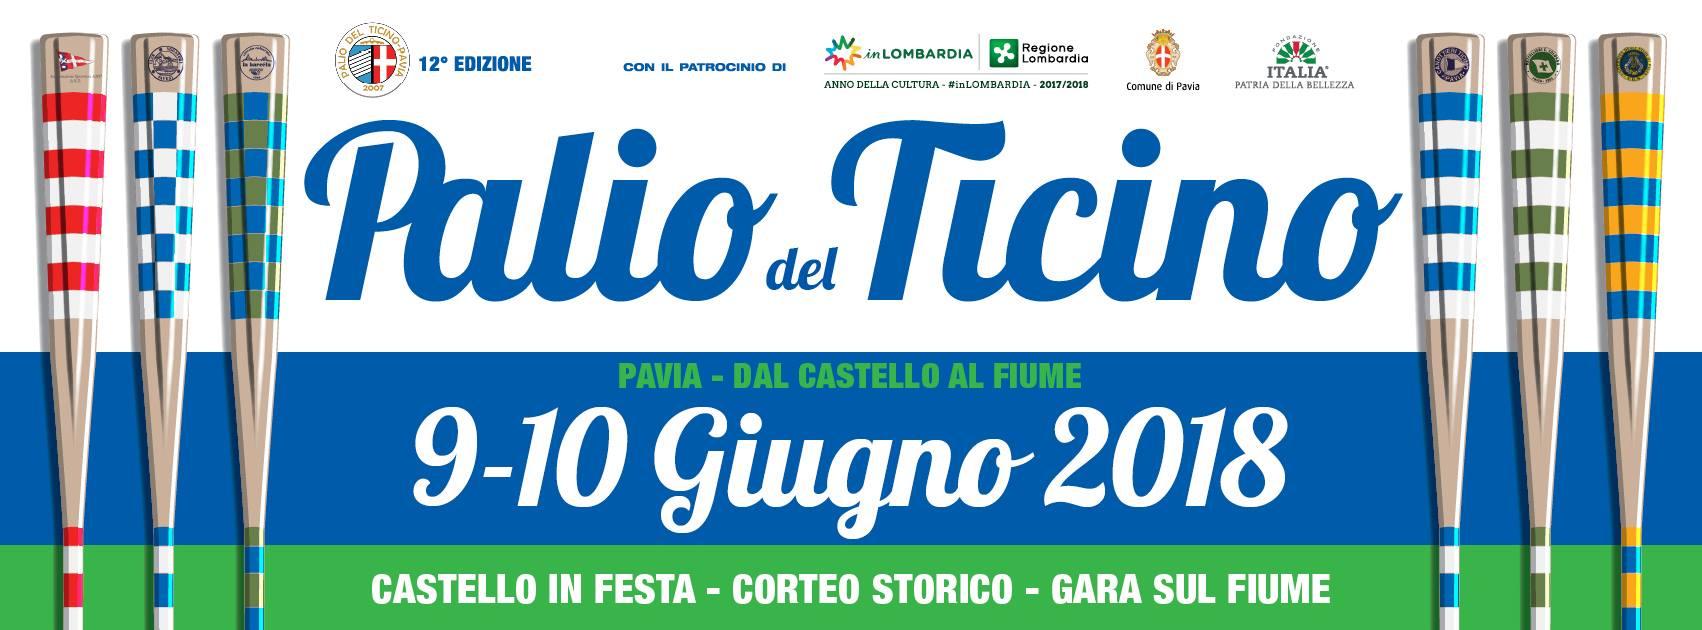 Pavia 9-10 giugno 12′ EDIZIONE PALIO DEL TICINO 2018